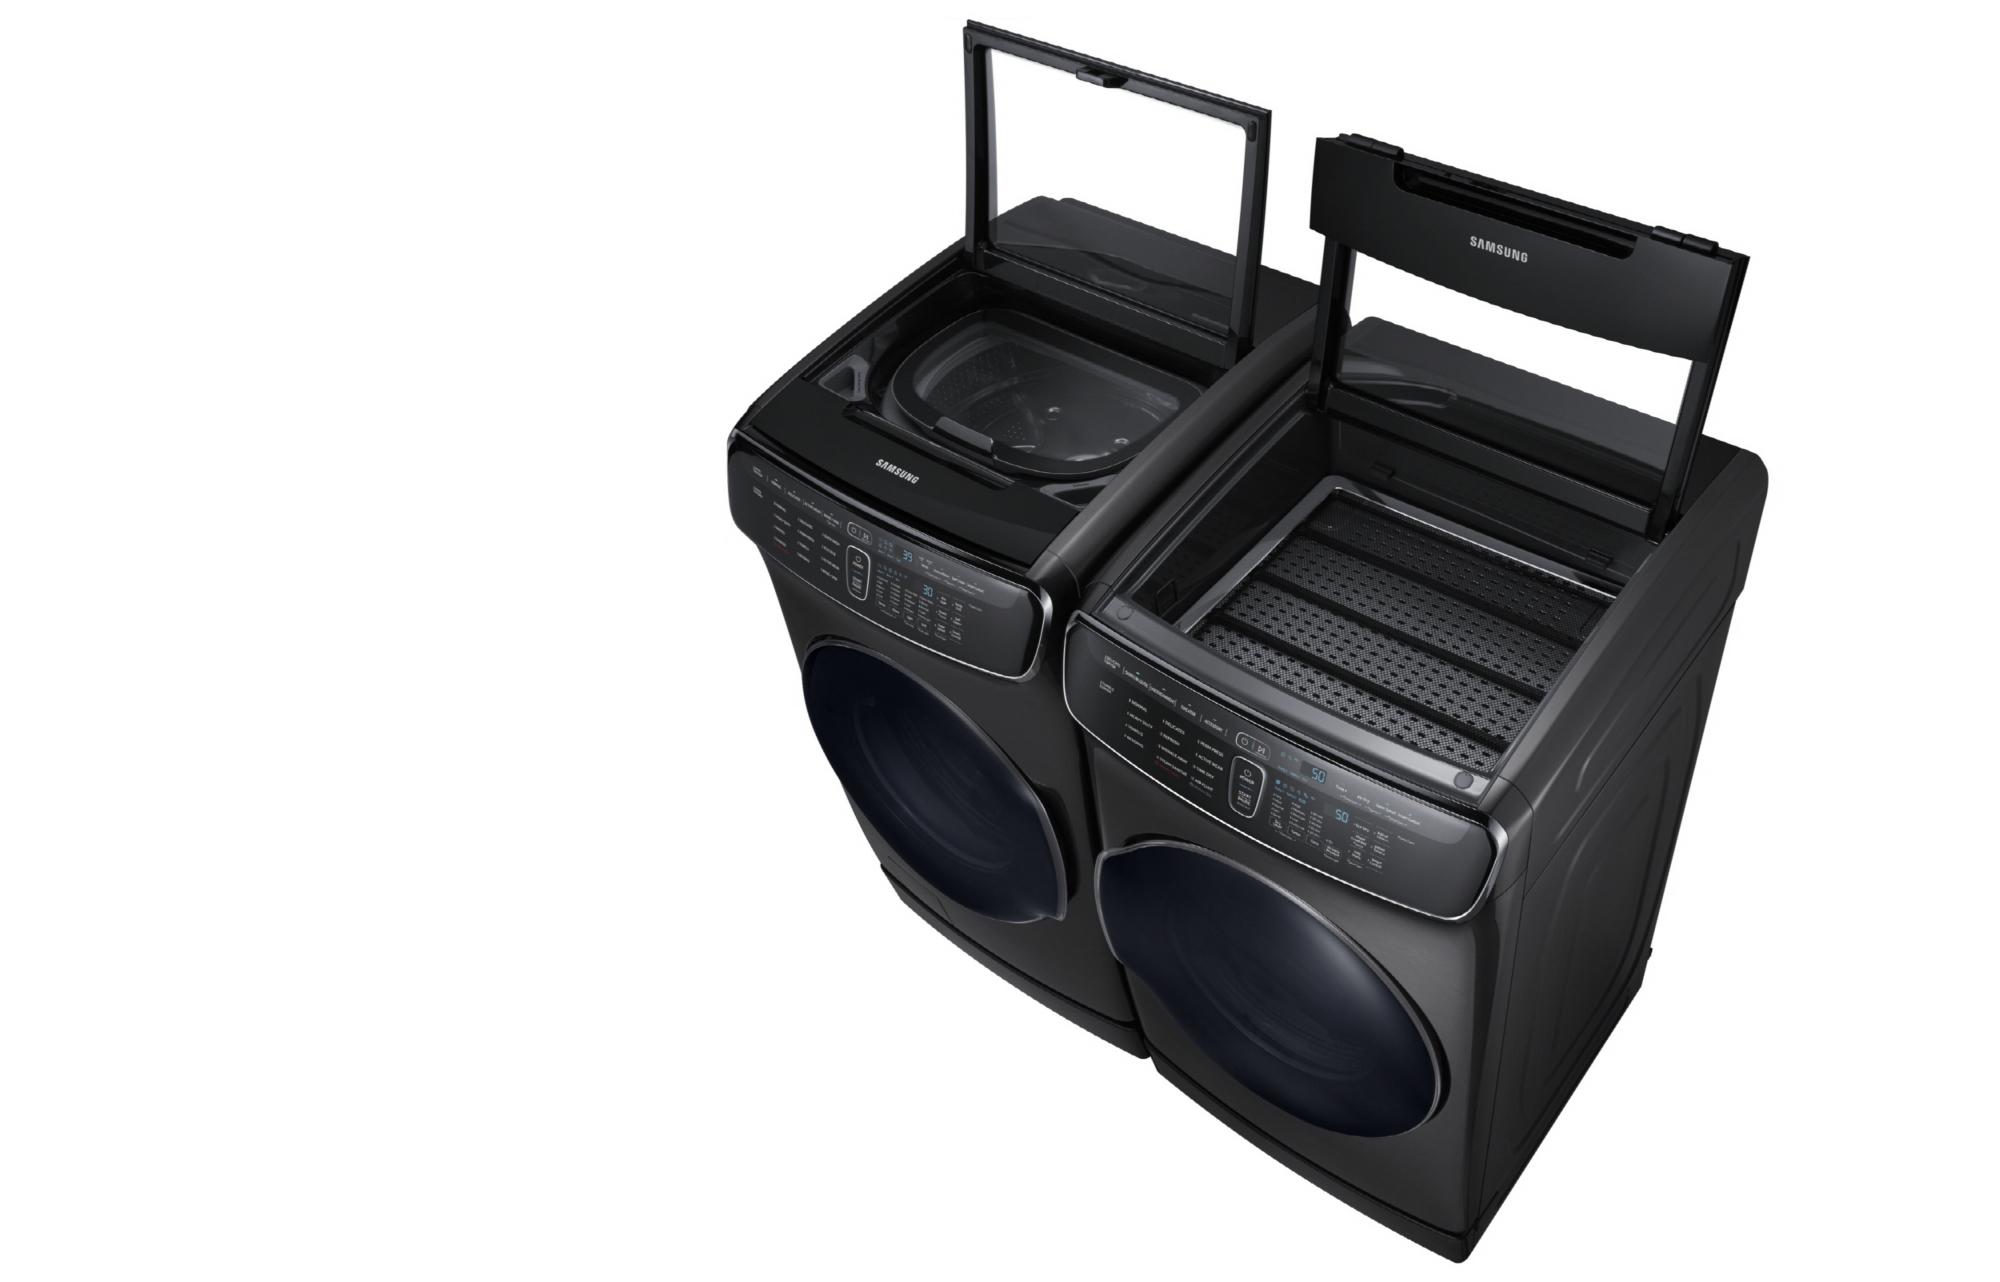 samsung flexwash die waschmaschine mit trommel und extrafach auch als trockner euronics. Black Bedroom Furniture Sets. Home Design Ideas